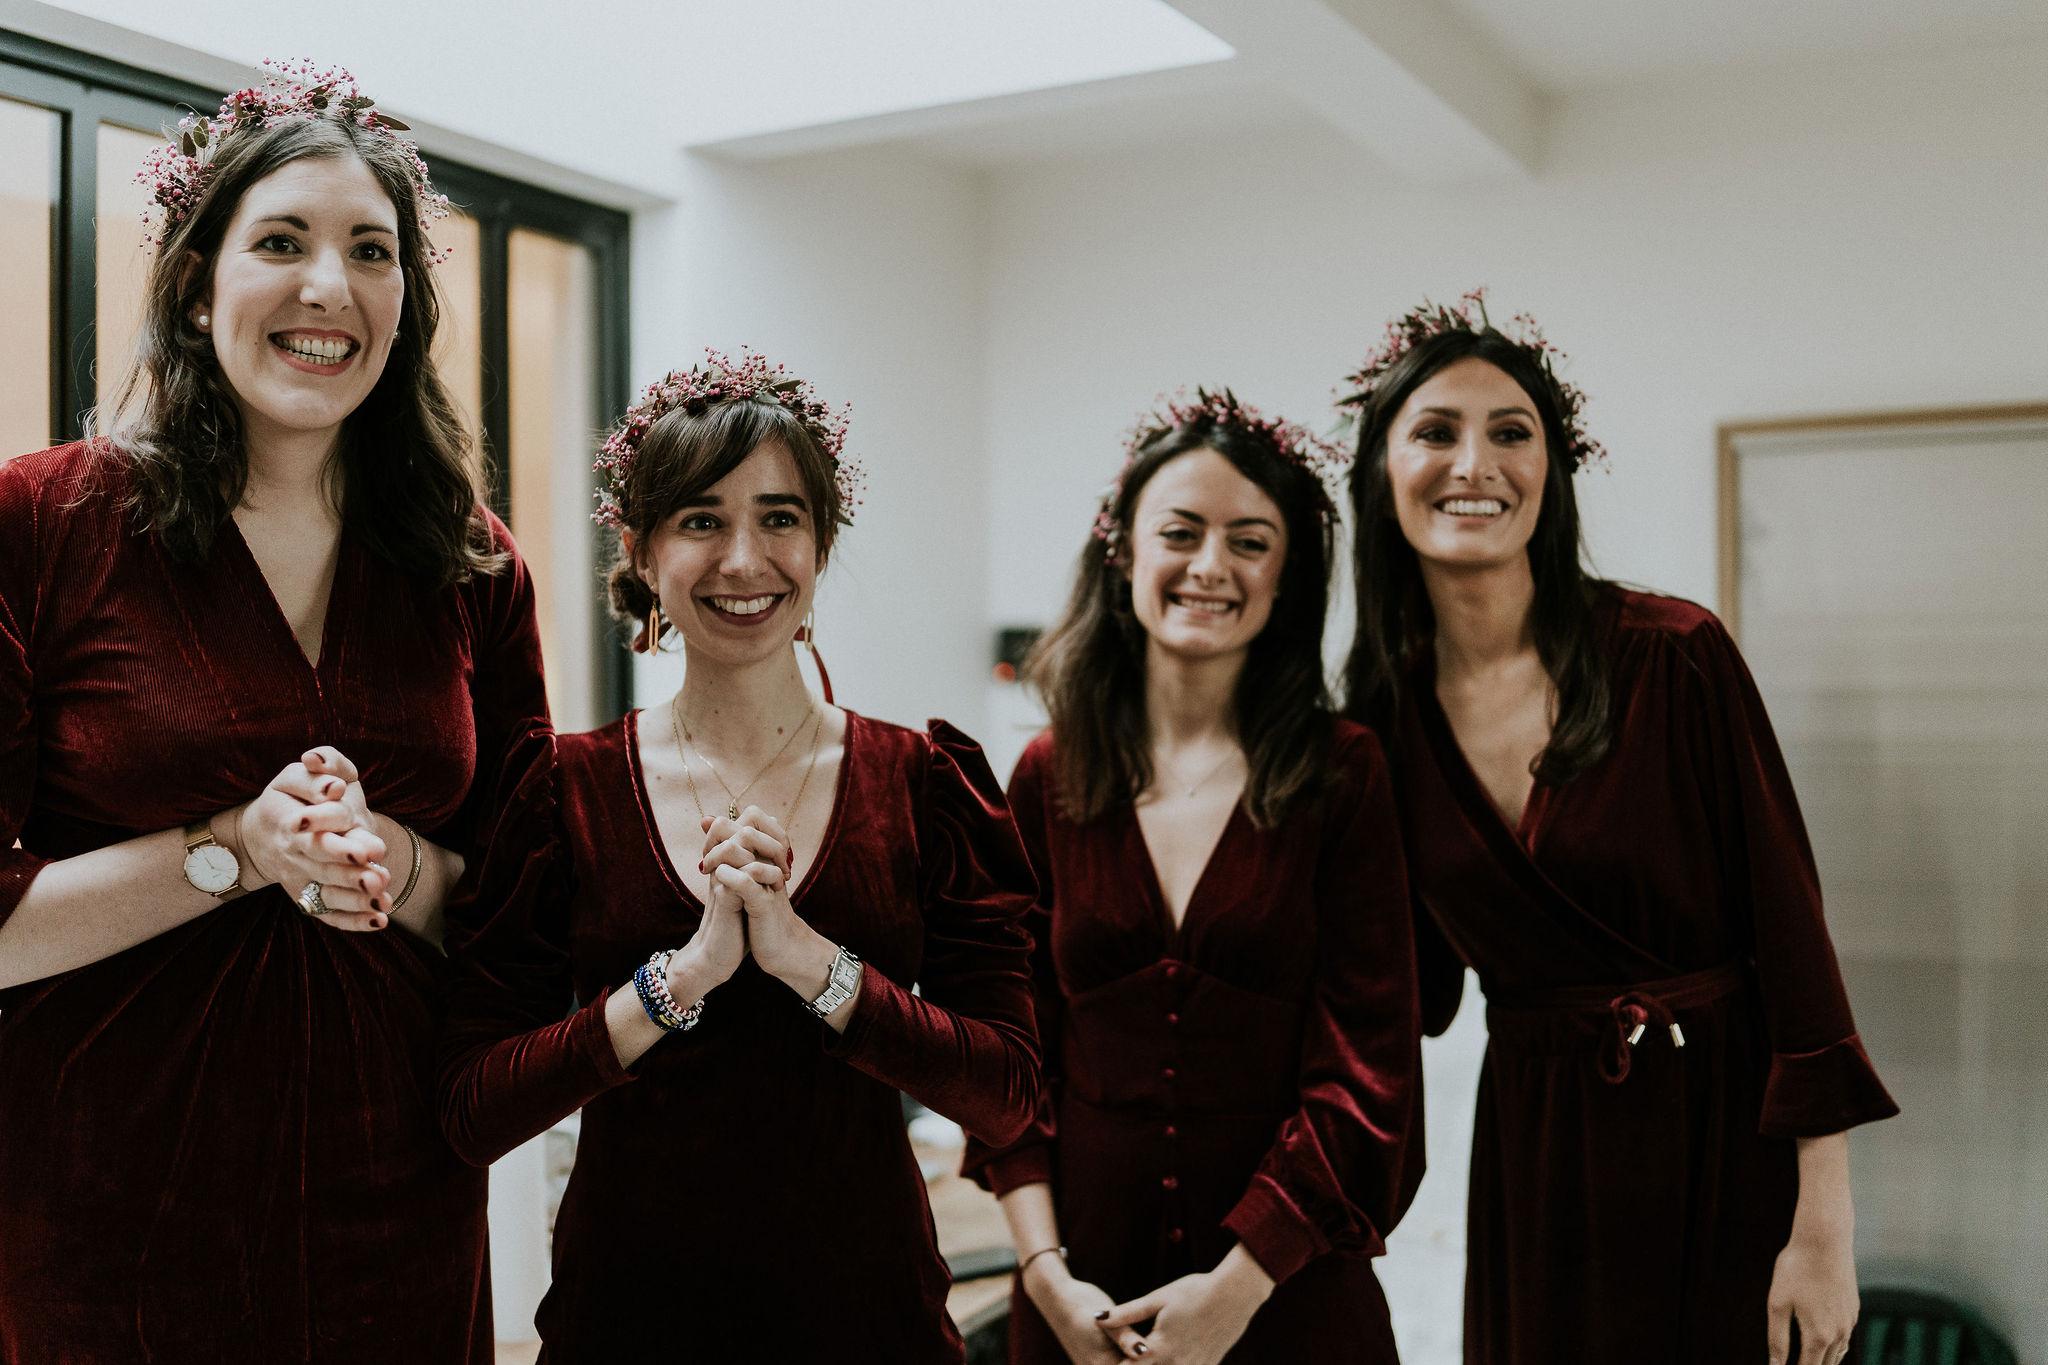 Fleuriste mariage, design floral, mariage à paris, décoratrice paris, mariage sur les toits de paris, red velvet, rouge velours, mariage, demoiselles d'honneur